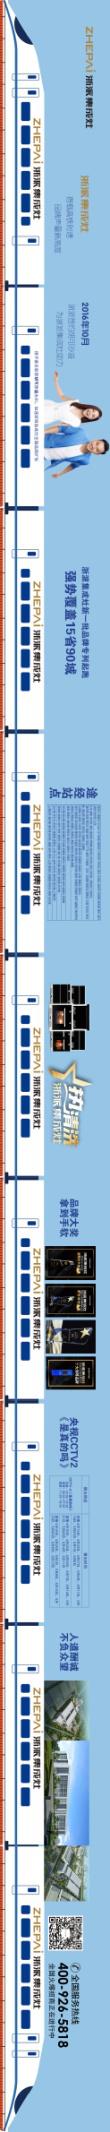 浙派集成灶搭载高铁时速,共创品牌高度!